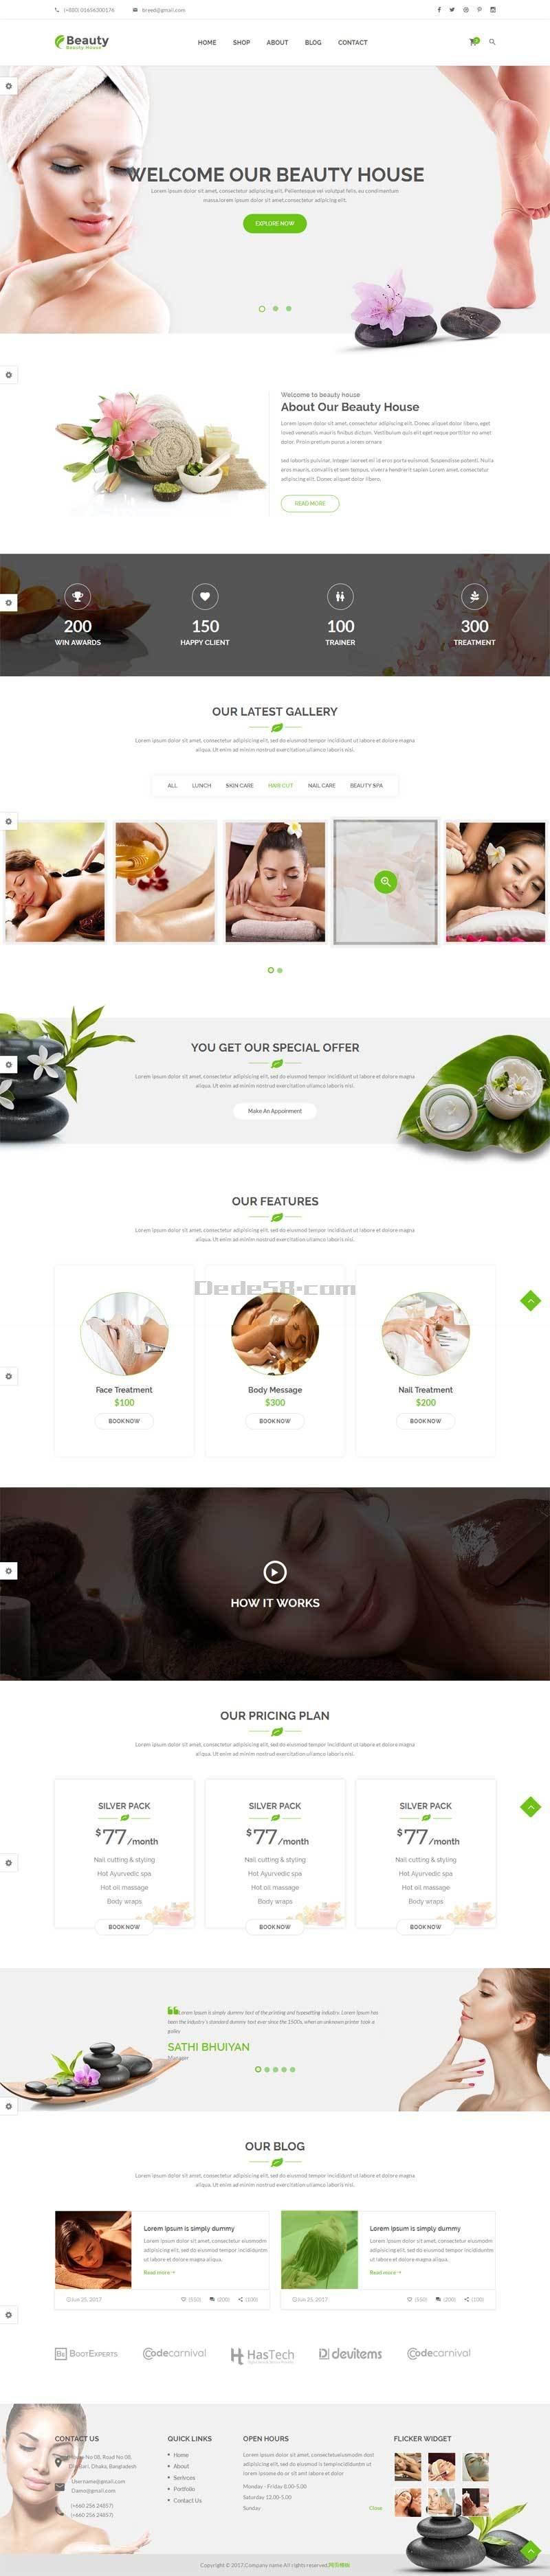 大气的美容健康养生spa会所网站模板